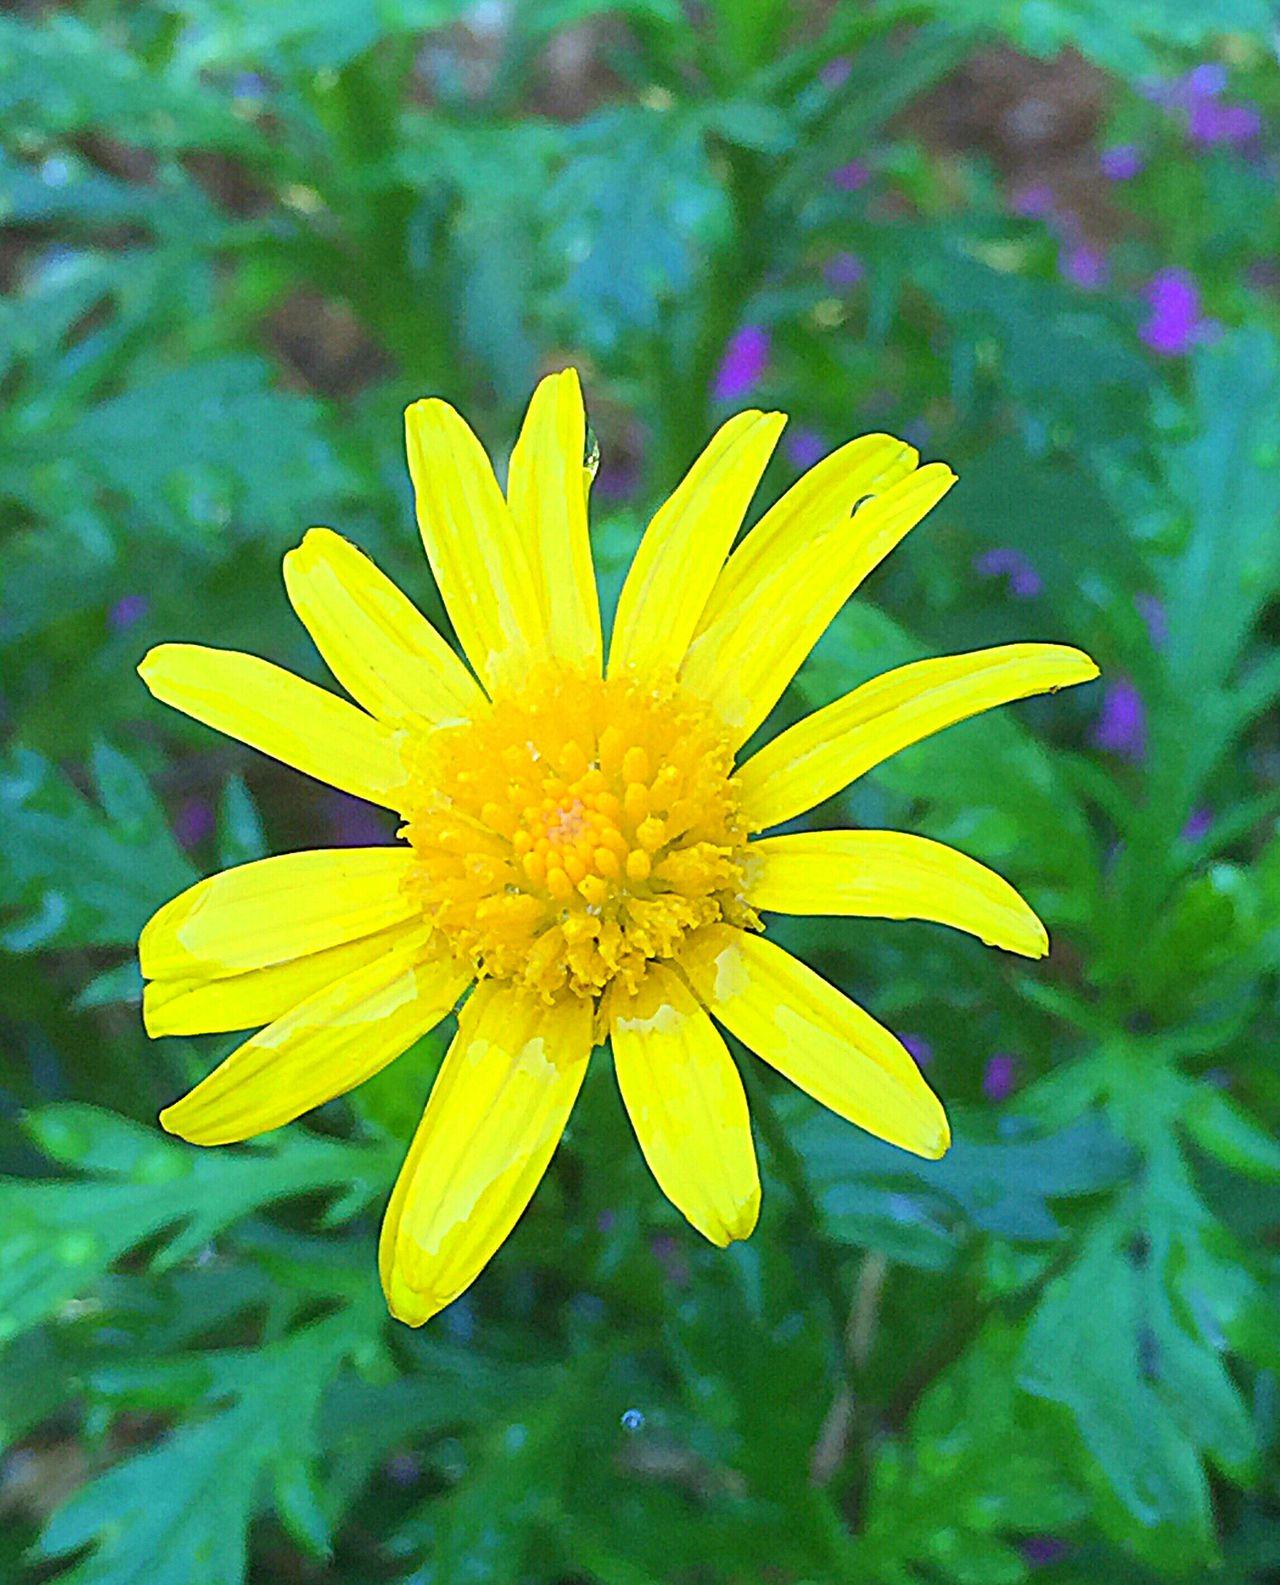 Yellow Daisy Solo Daisy Green Gardening